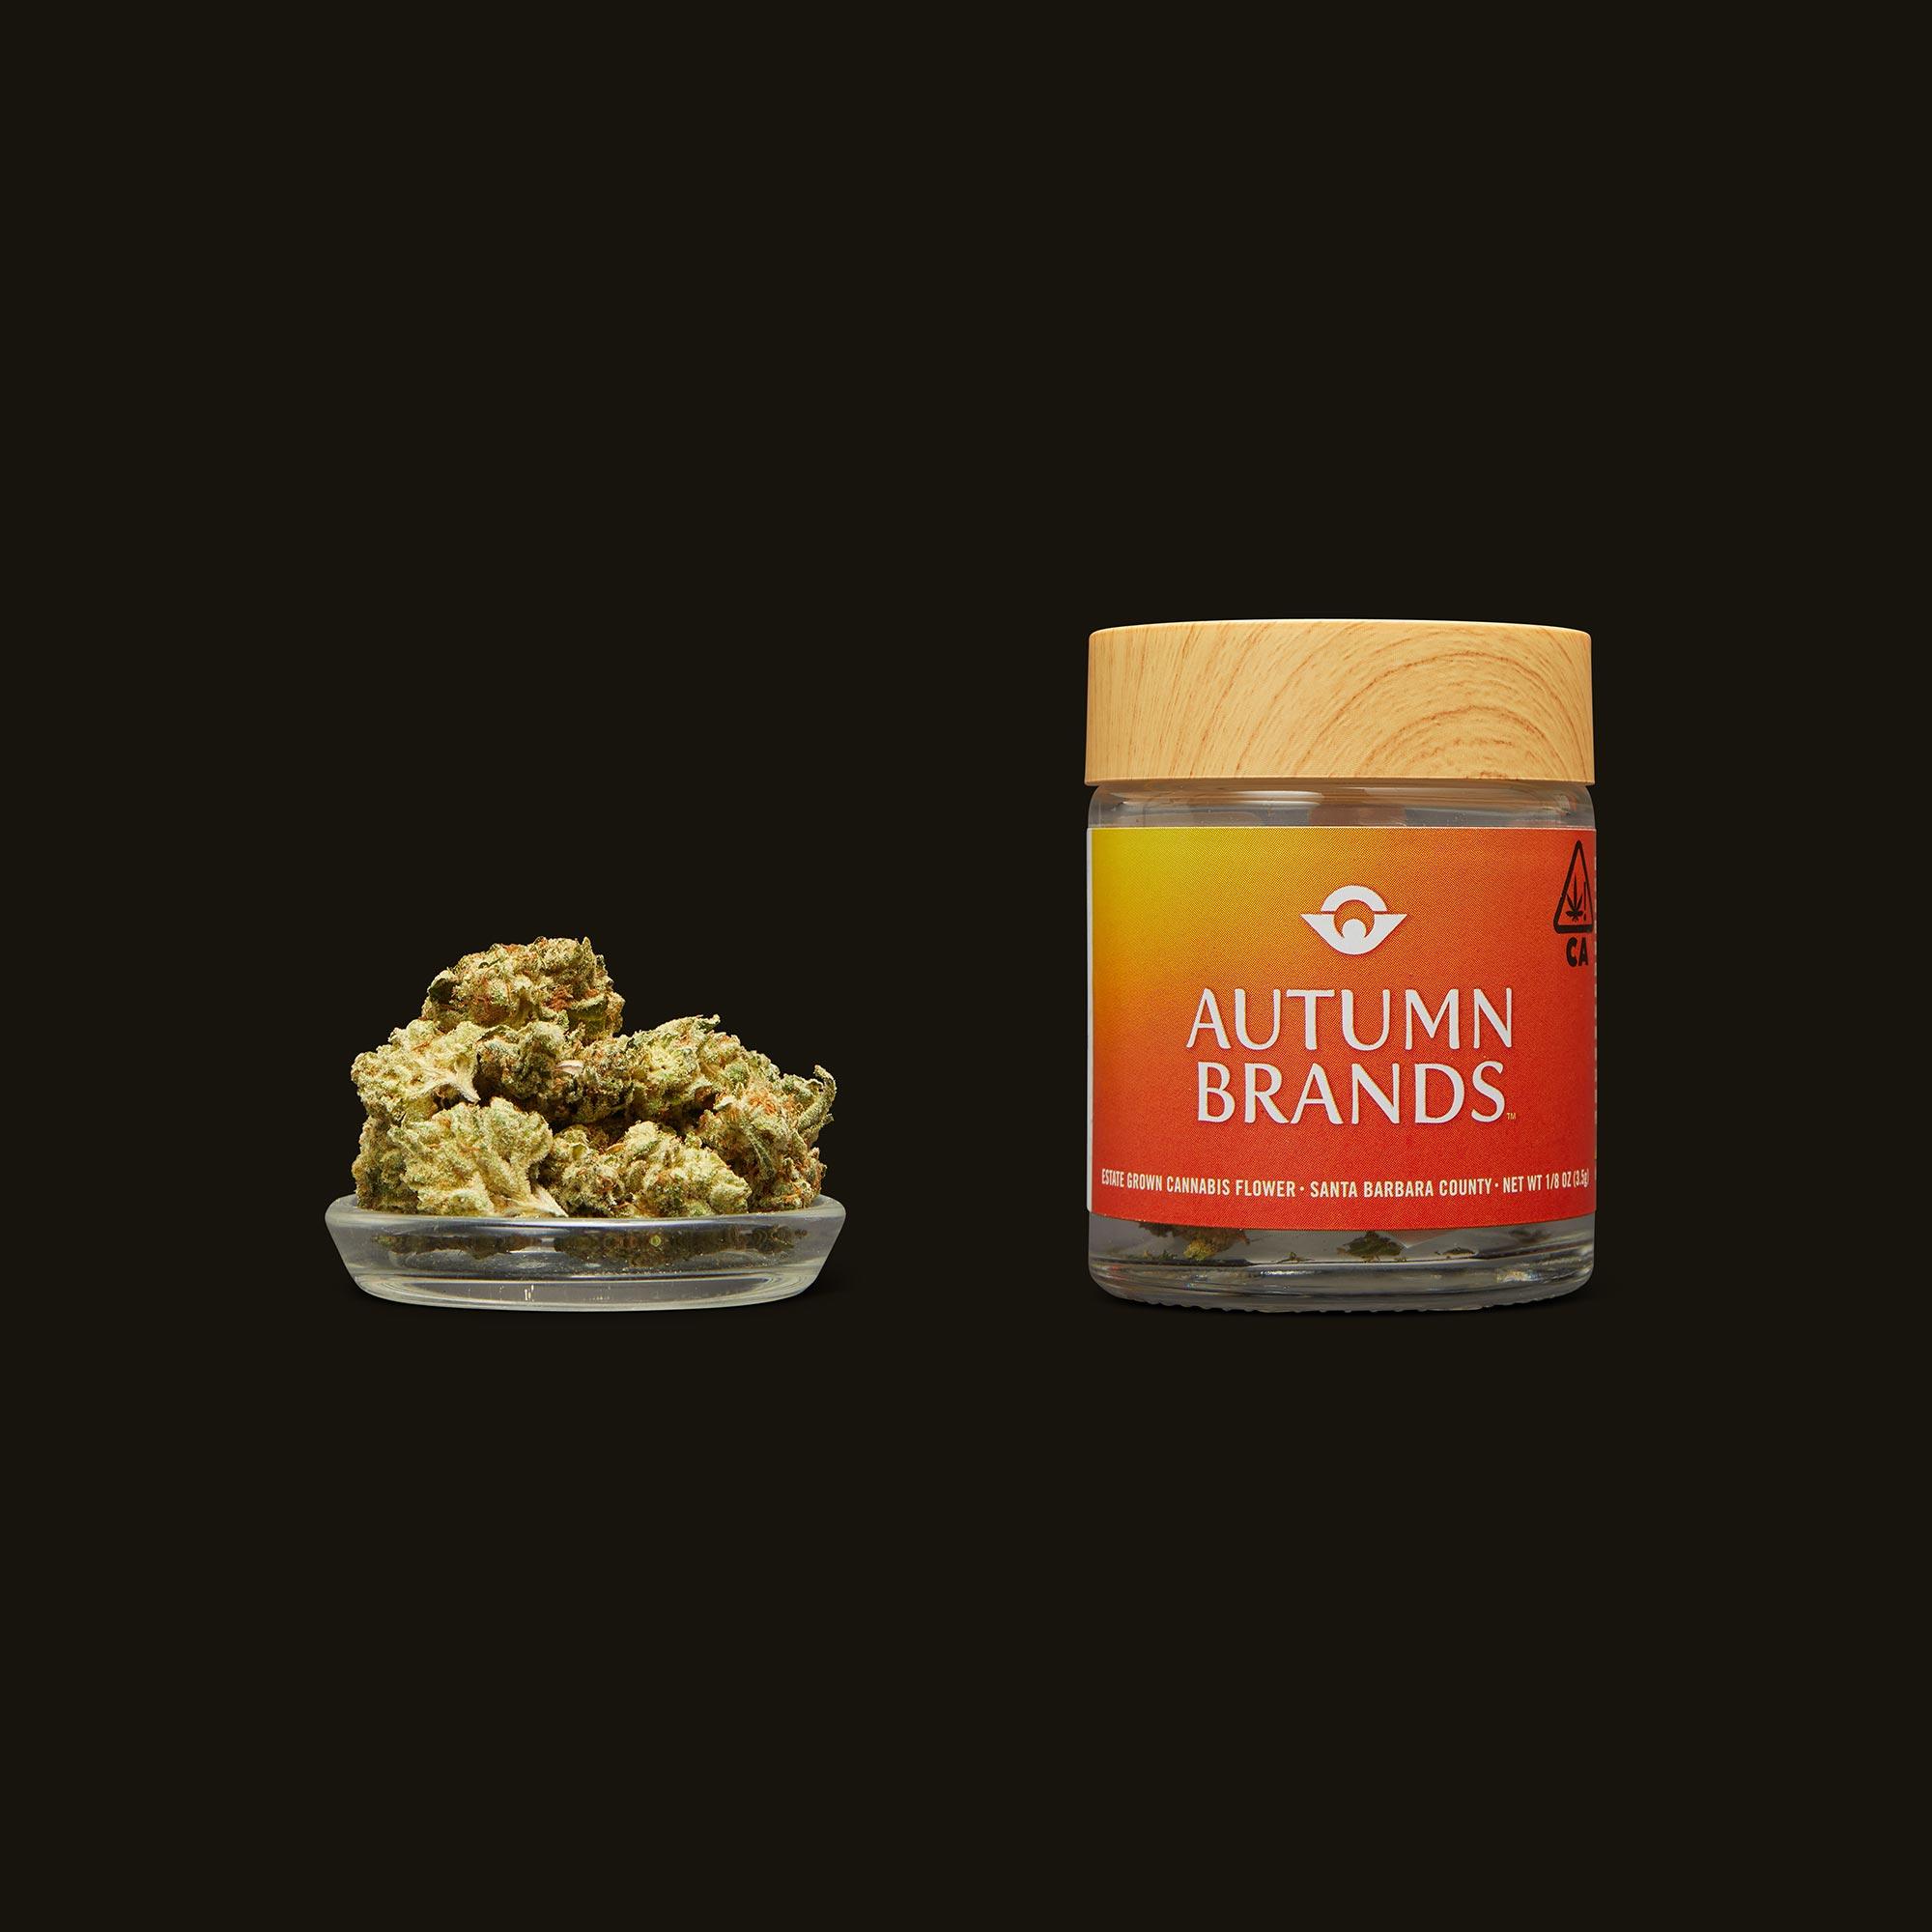 Autumn Brands GG #4